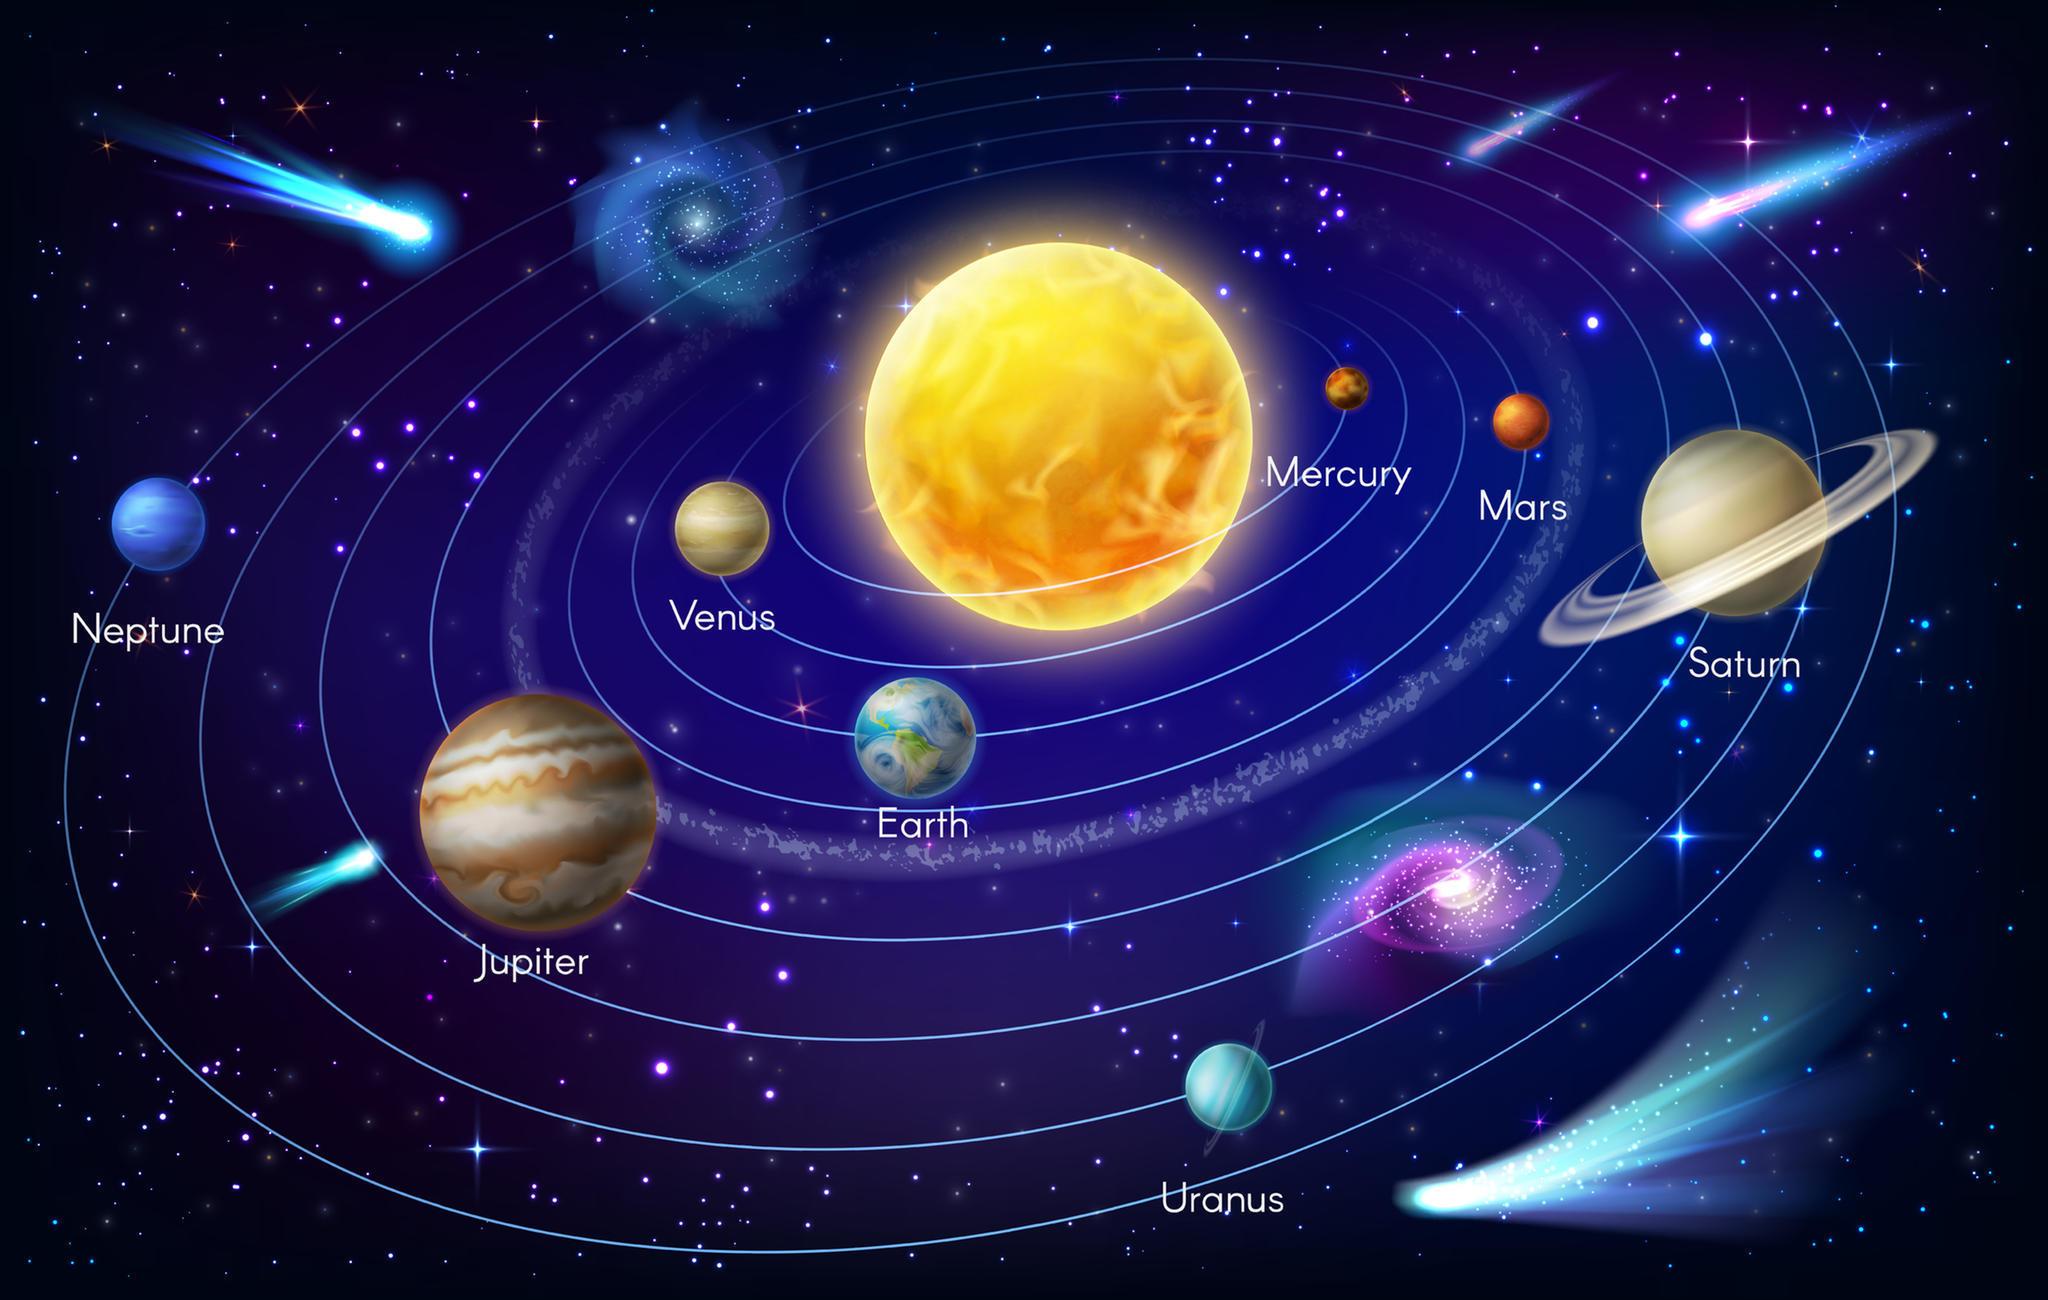 Horoskop: Diesen Sternzeichen Steht Ein Schlimmer Monat bestimmt für Einteilung Sternzeichen